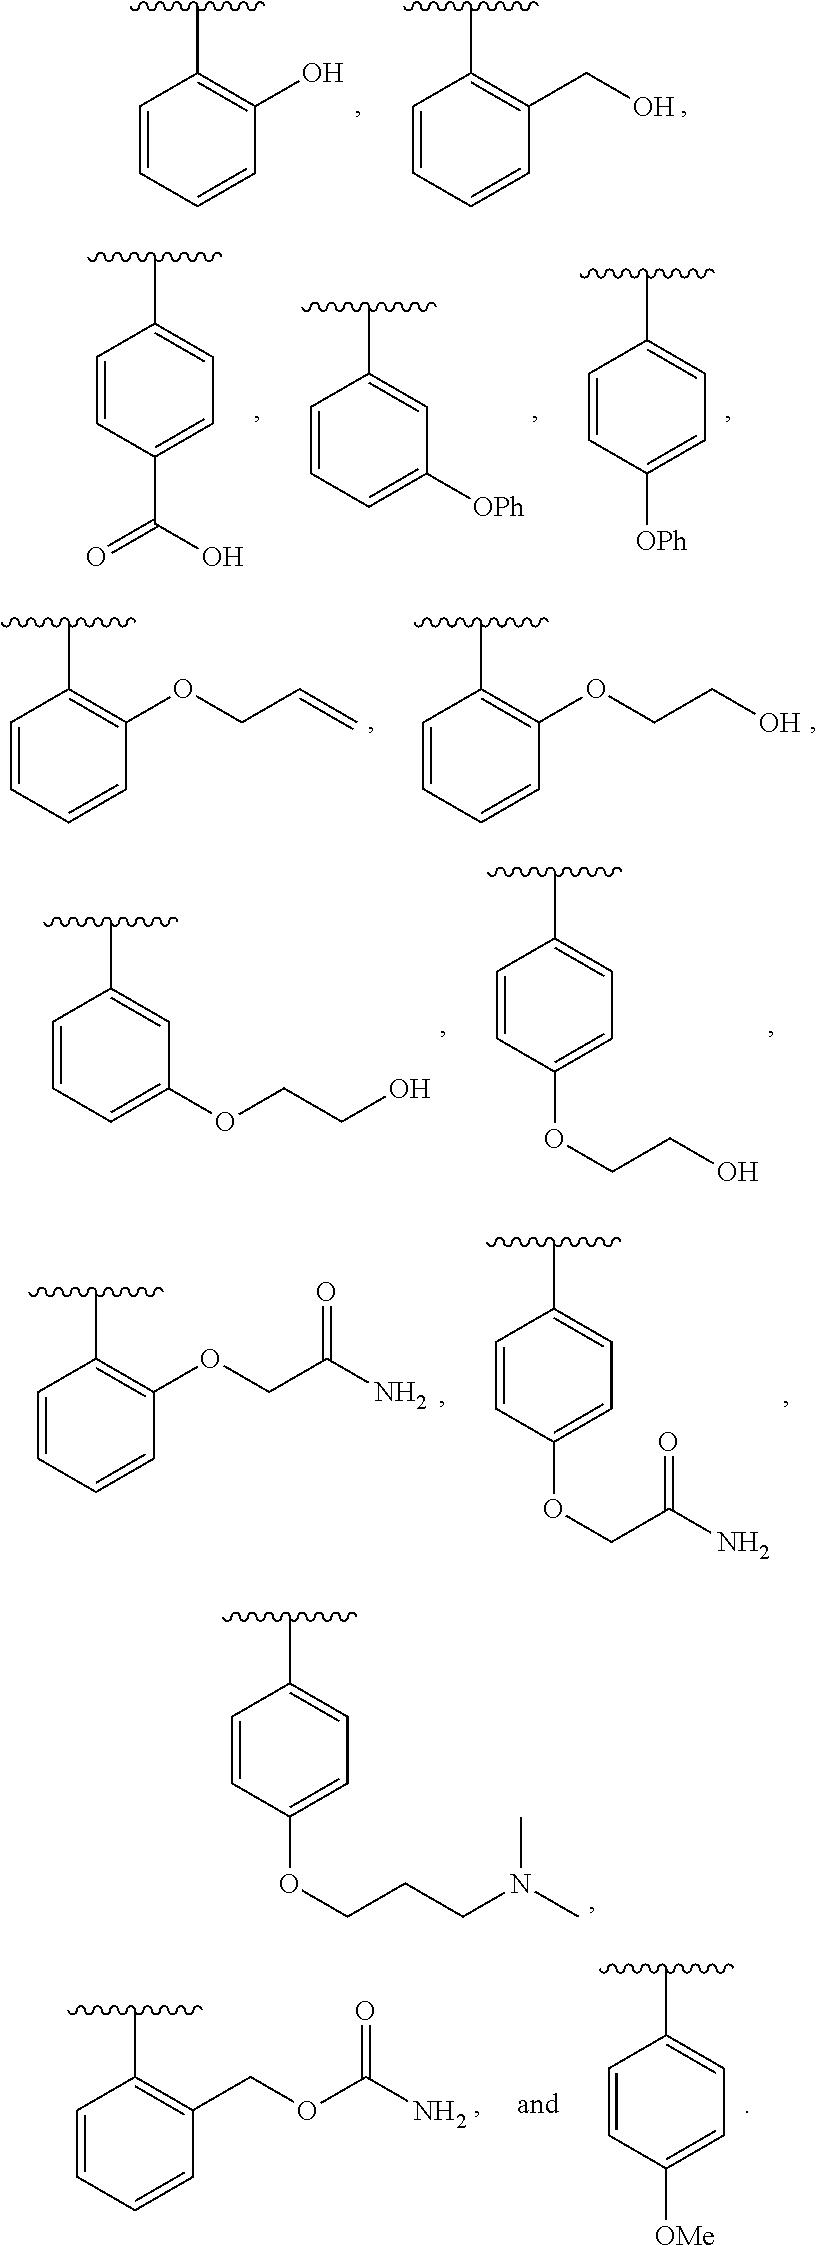 Figure US09540317-20170110-C00026